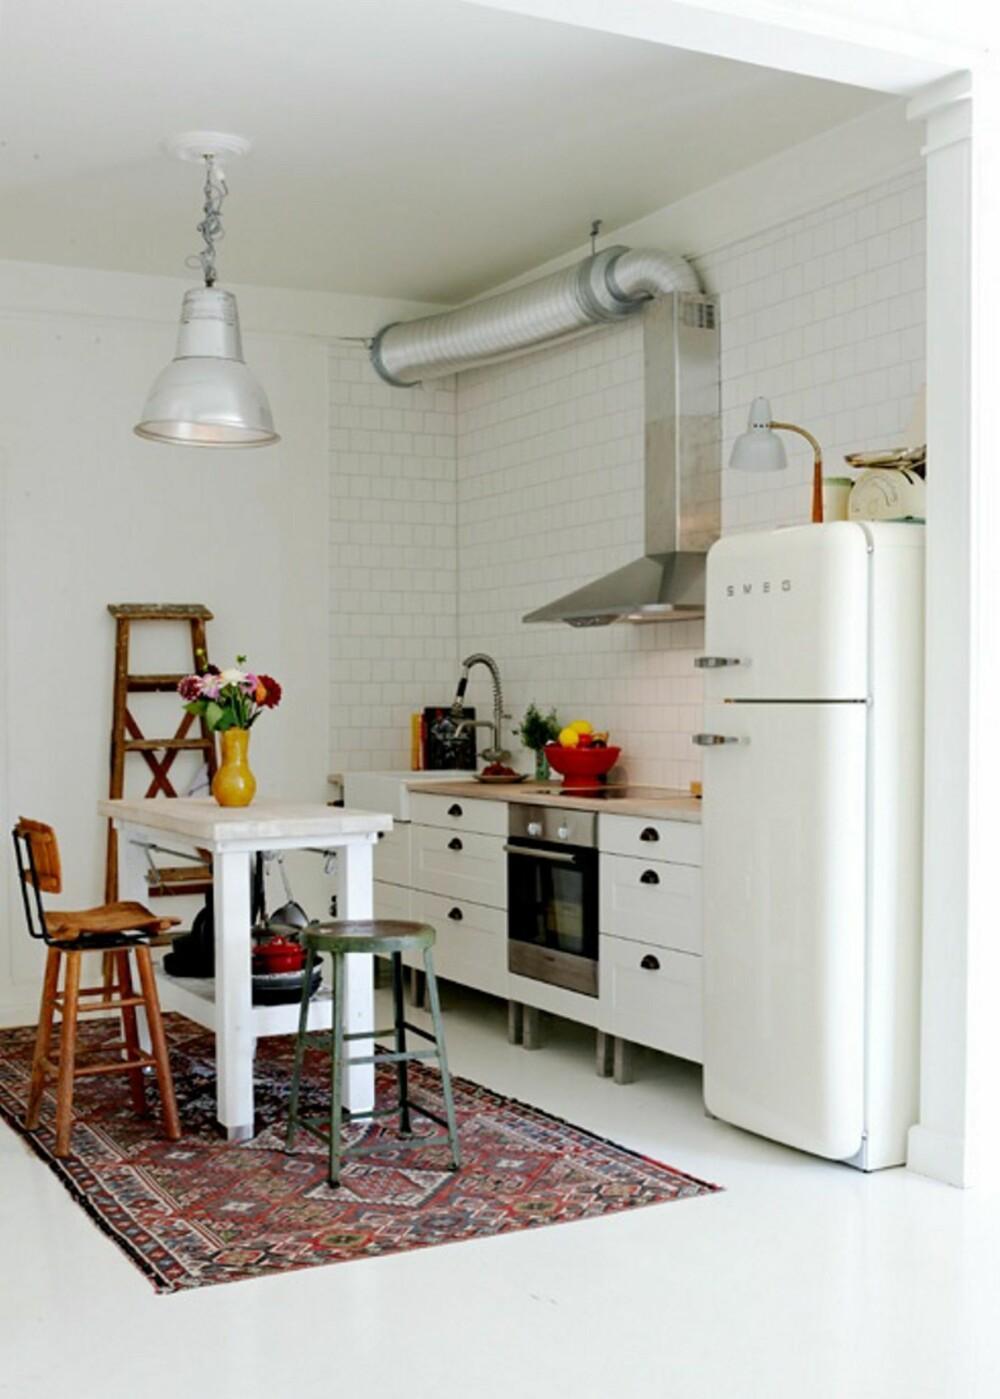 MIKS: På kjøkkenet har de en åpen kjøkkenkrok med industriell lampe og ulike kjøkkenstoler.